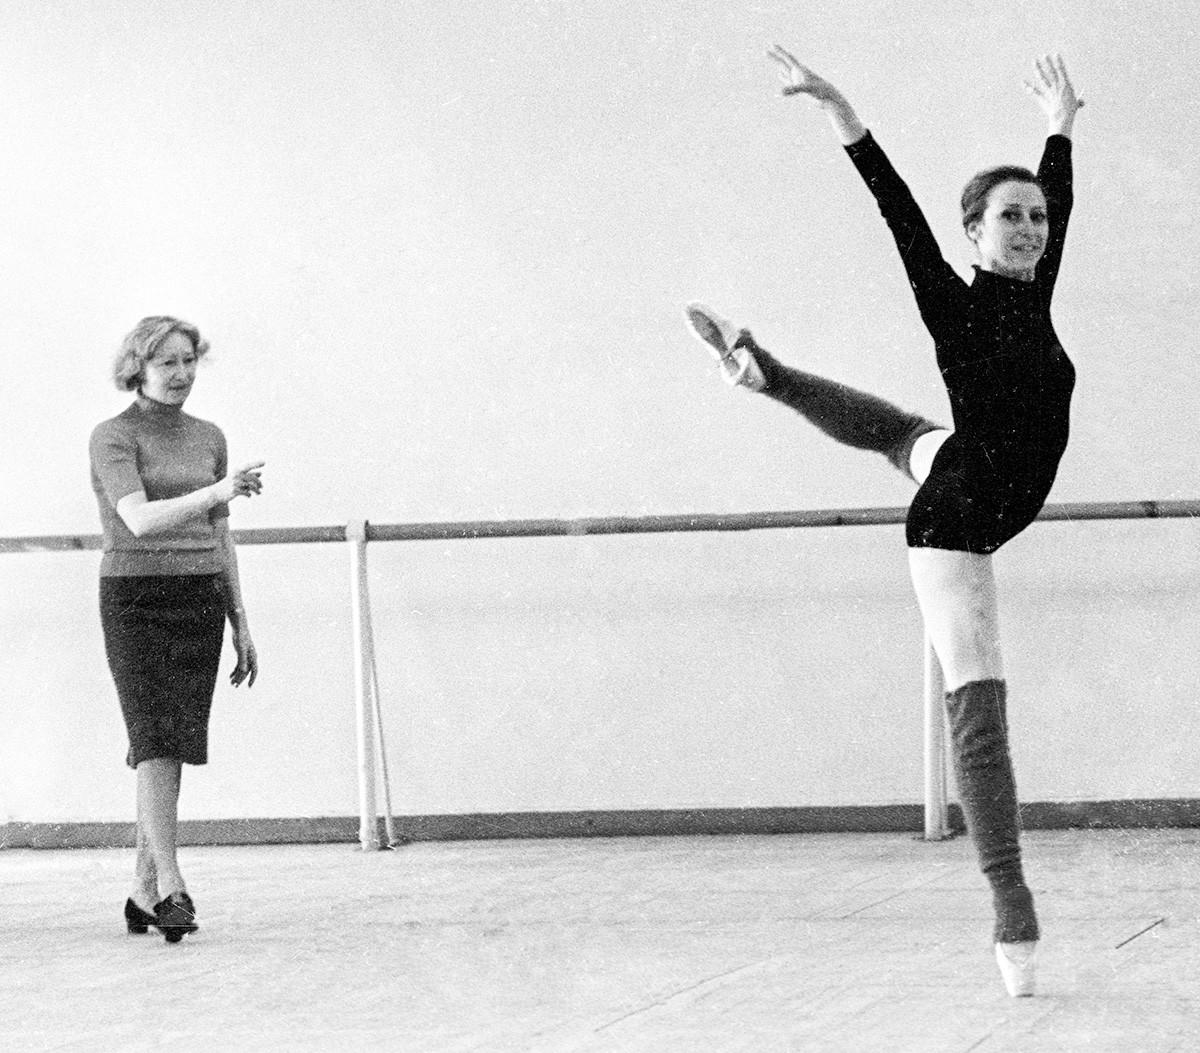 Педагог-хореограф Галина Уланова и балерина Майя Плисецкая во время репетиции, 1969.